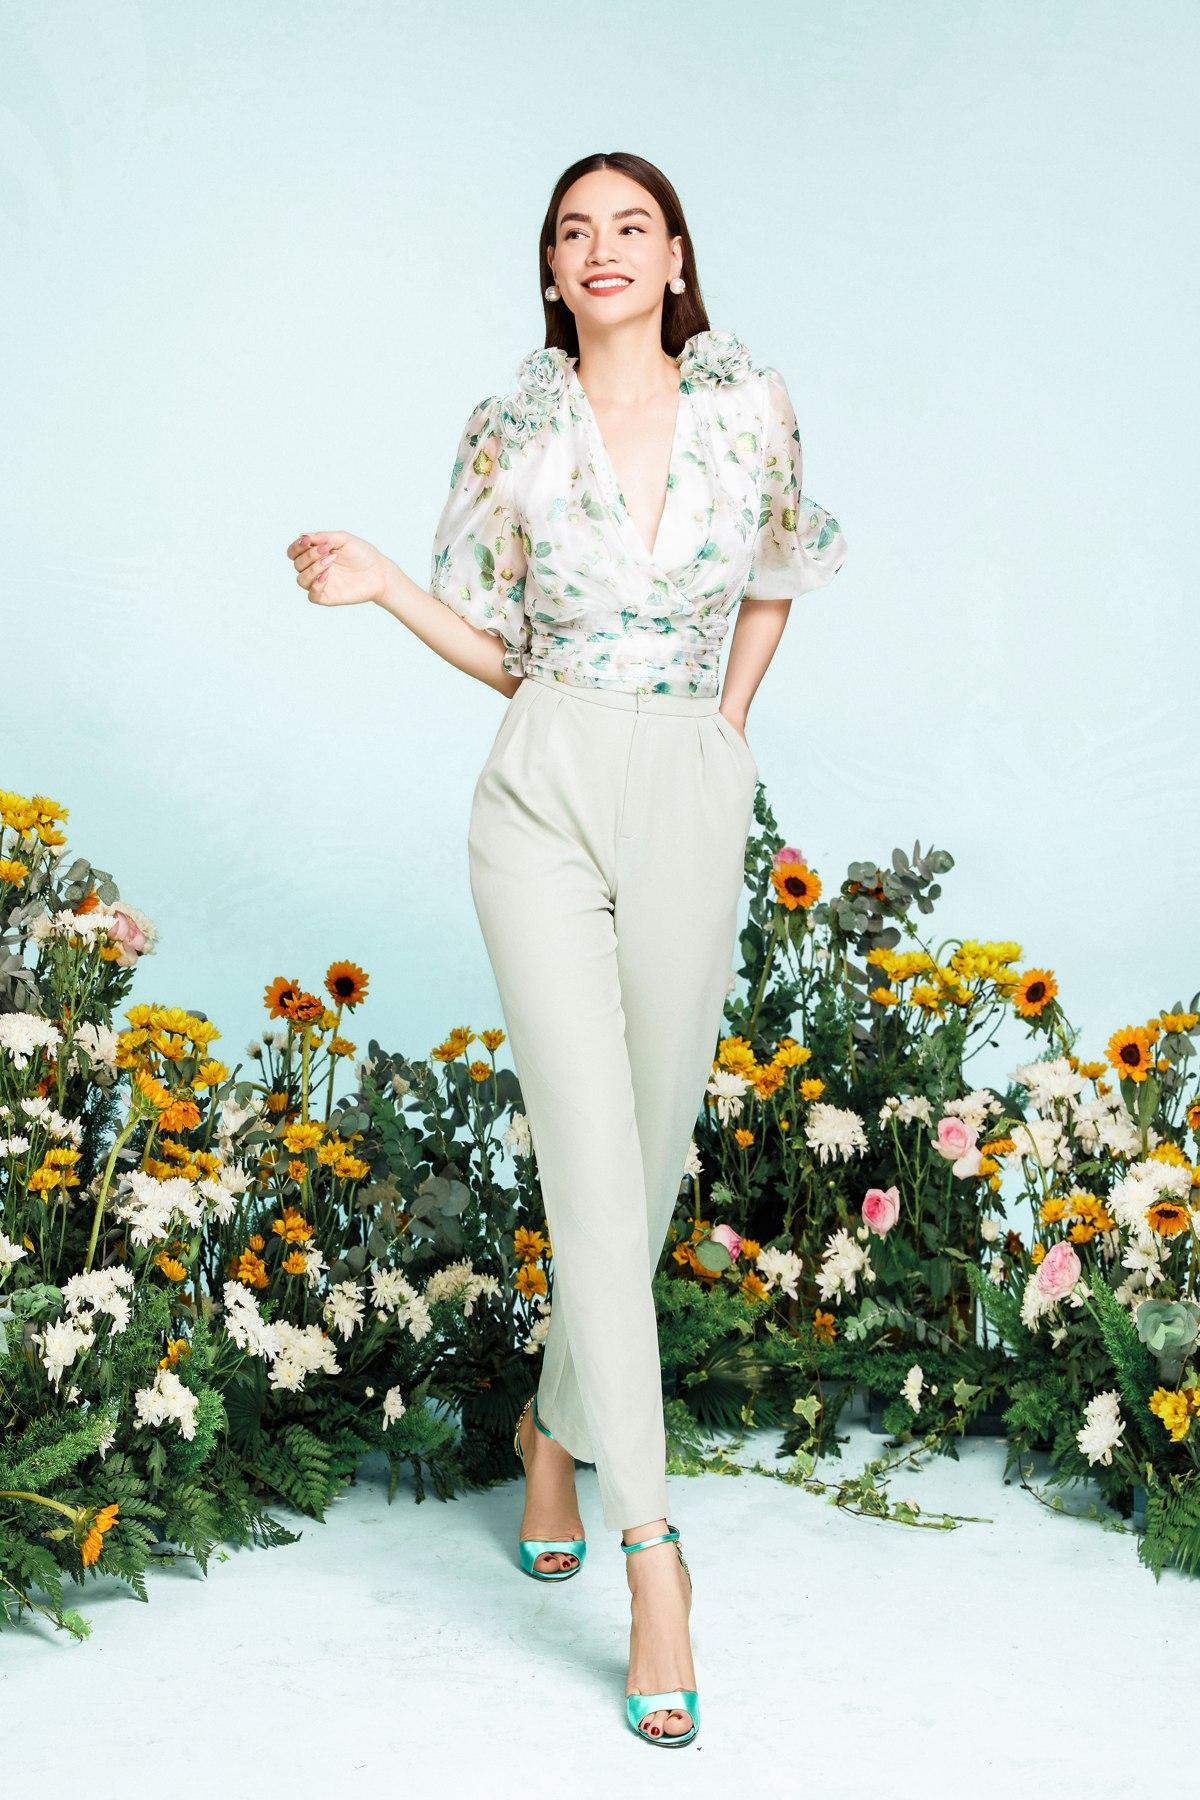 NEVA2378 Hồ Ngọc Hà xuất hiện lung linh trong BST mới của NEVA Fashion